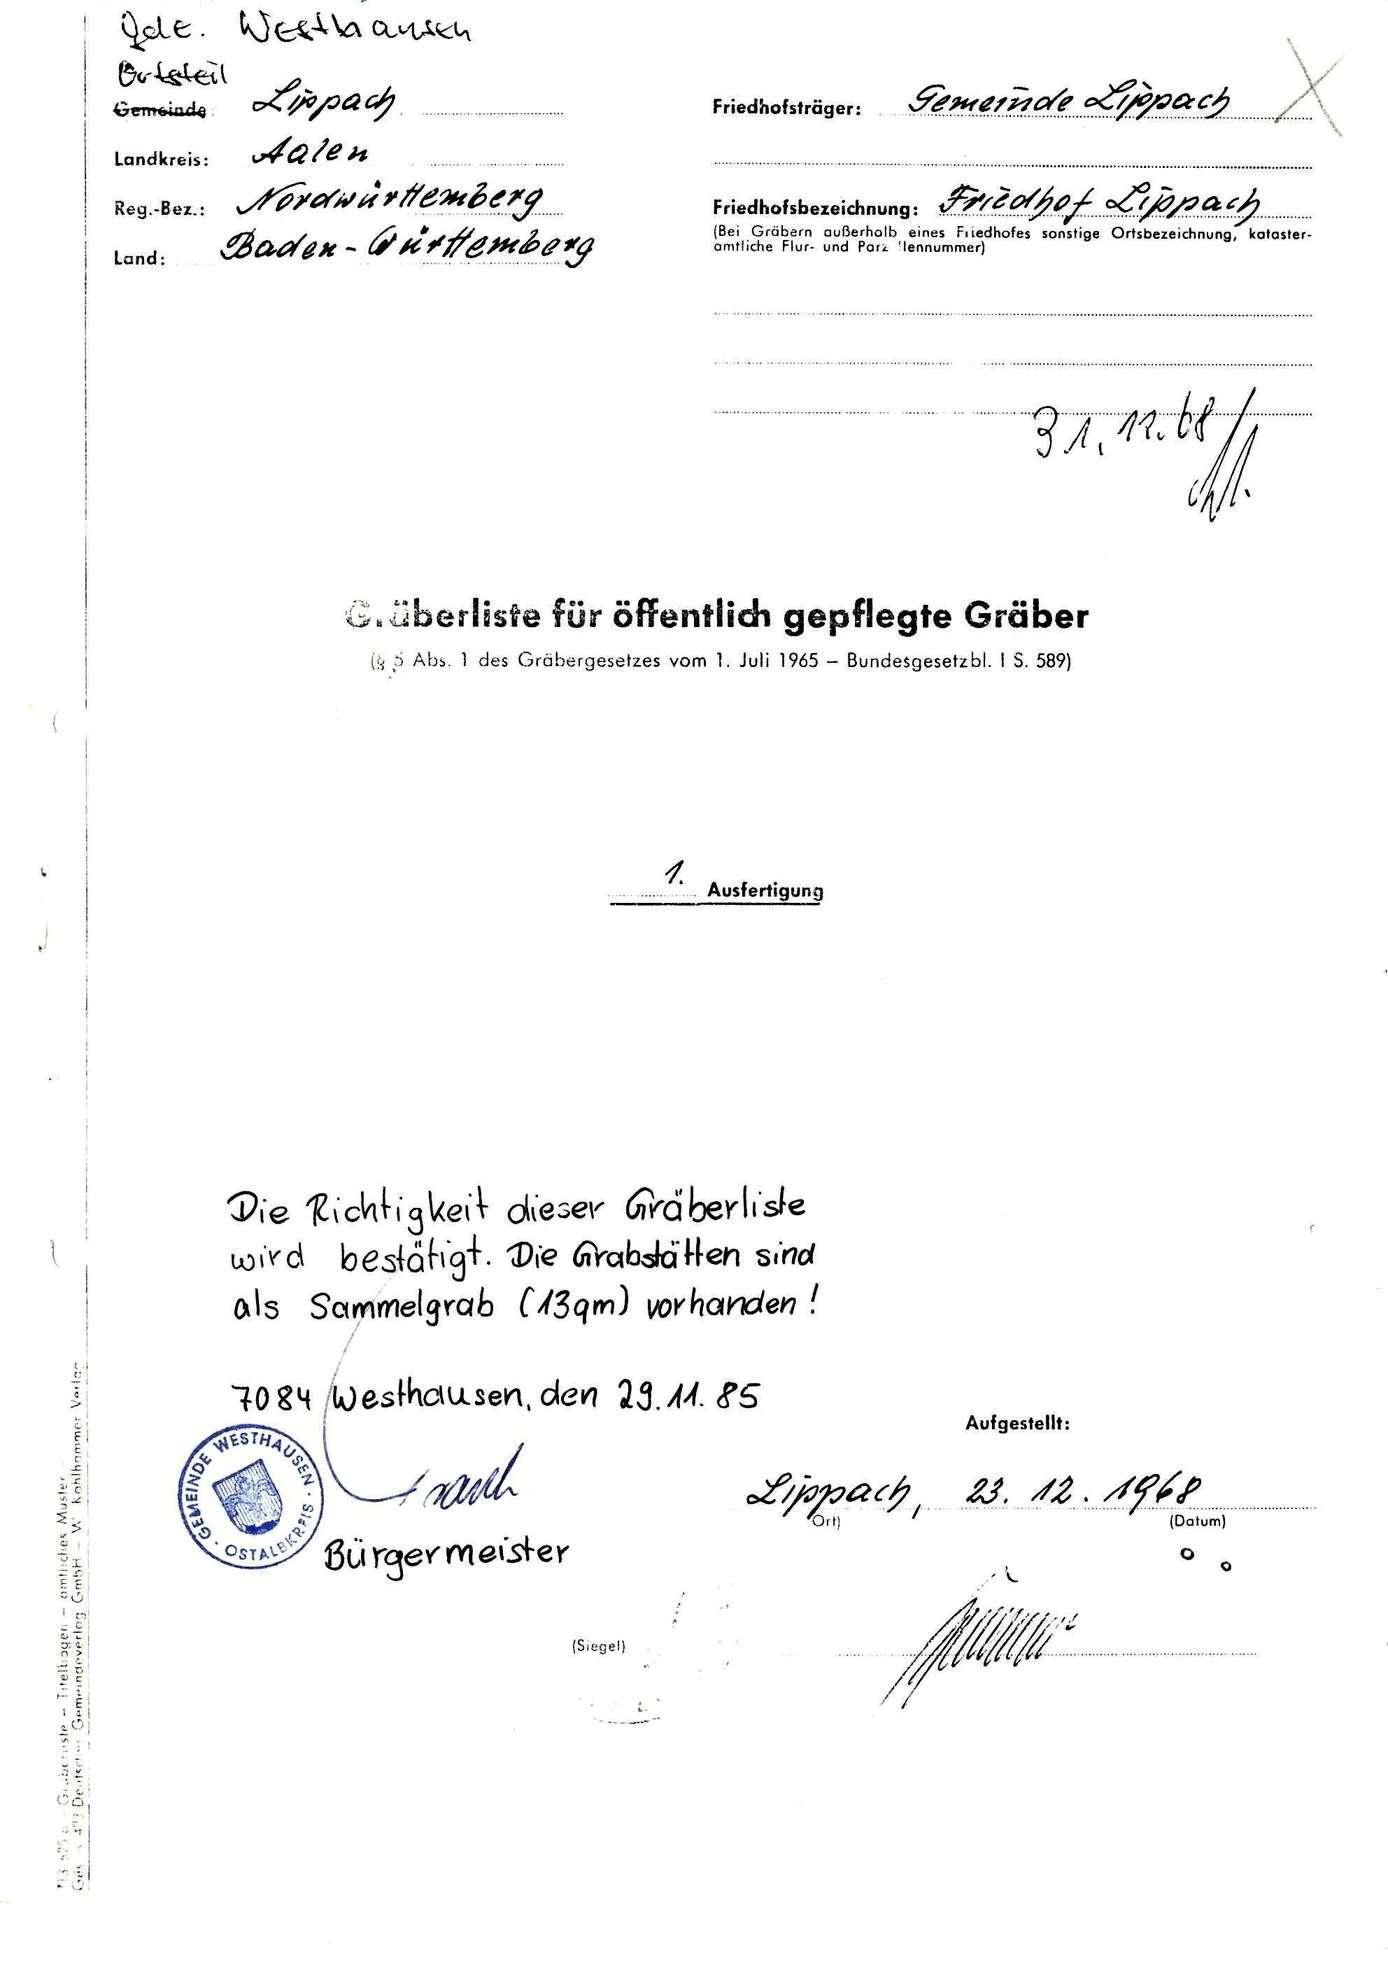 Lippach, Bild 1